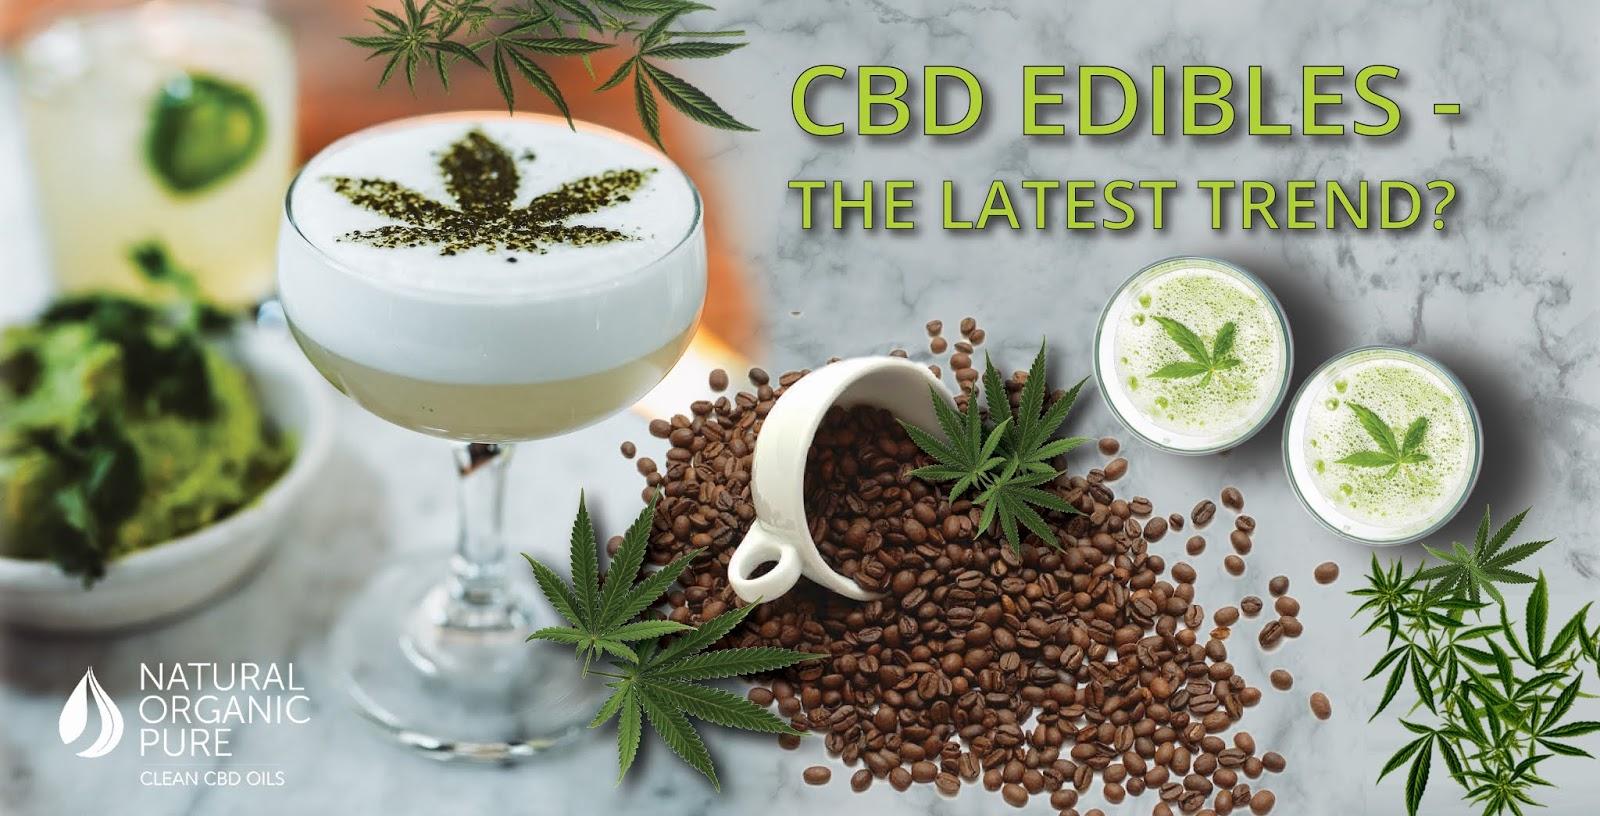 cbd pur naturel organique | CBD Edibles la dernière tendance | Boissons à base d'huile de CBD | Feuille de cannabis | café cdb | cocktail cdb | boissons cdb